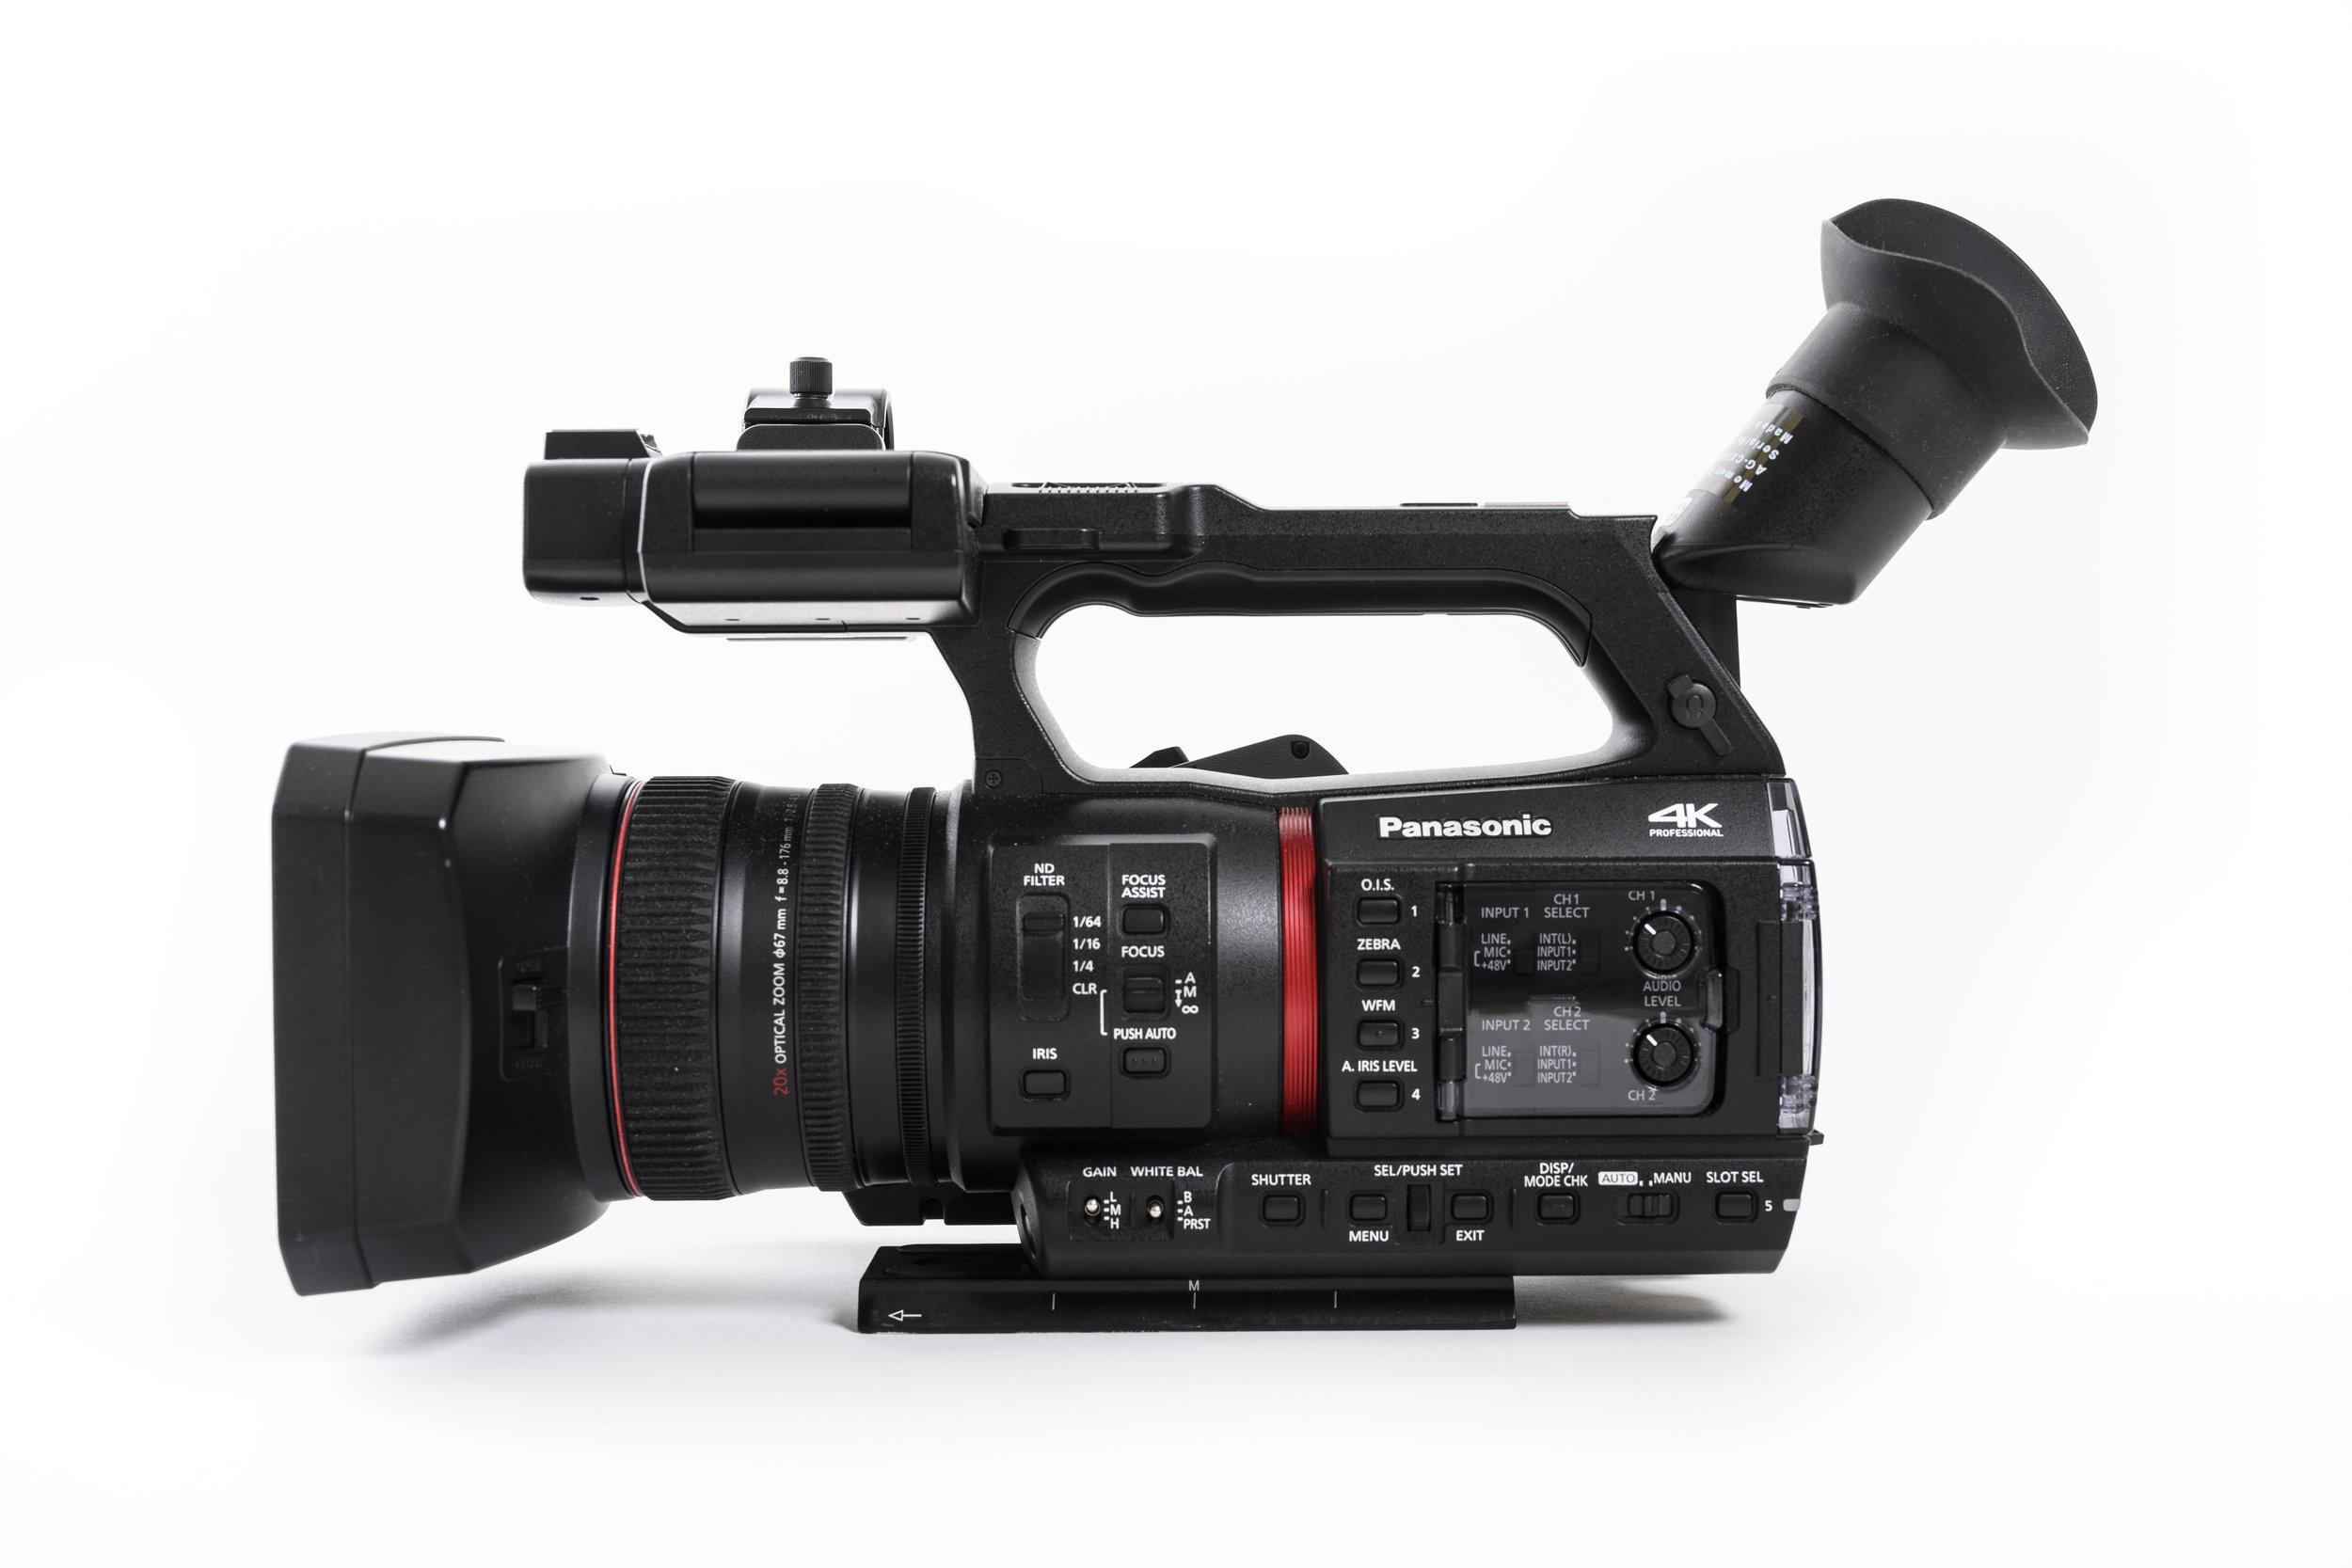 När det gäller Panasonic AG-CX350 kan man mycket väl säga att det är insidan som räknas. Det yttre är likt andra kameror i detta segment och storlek.